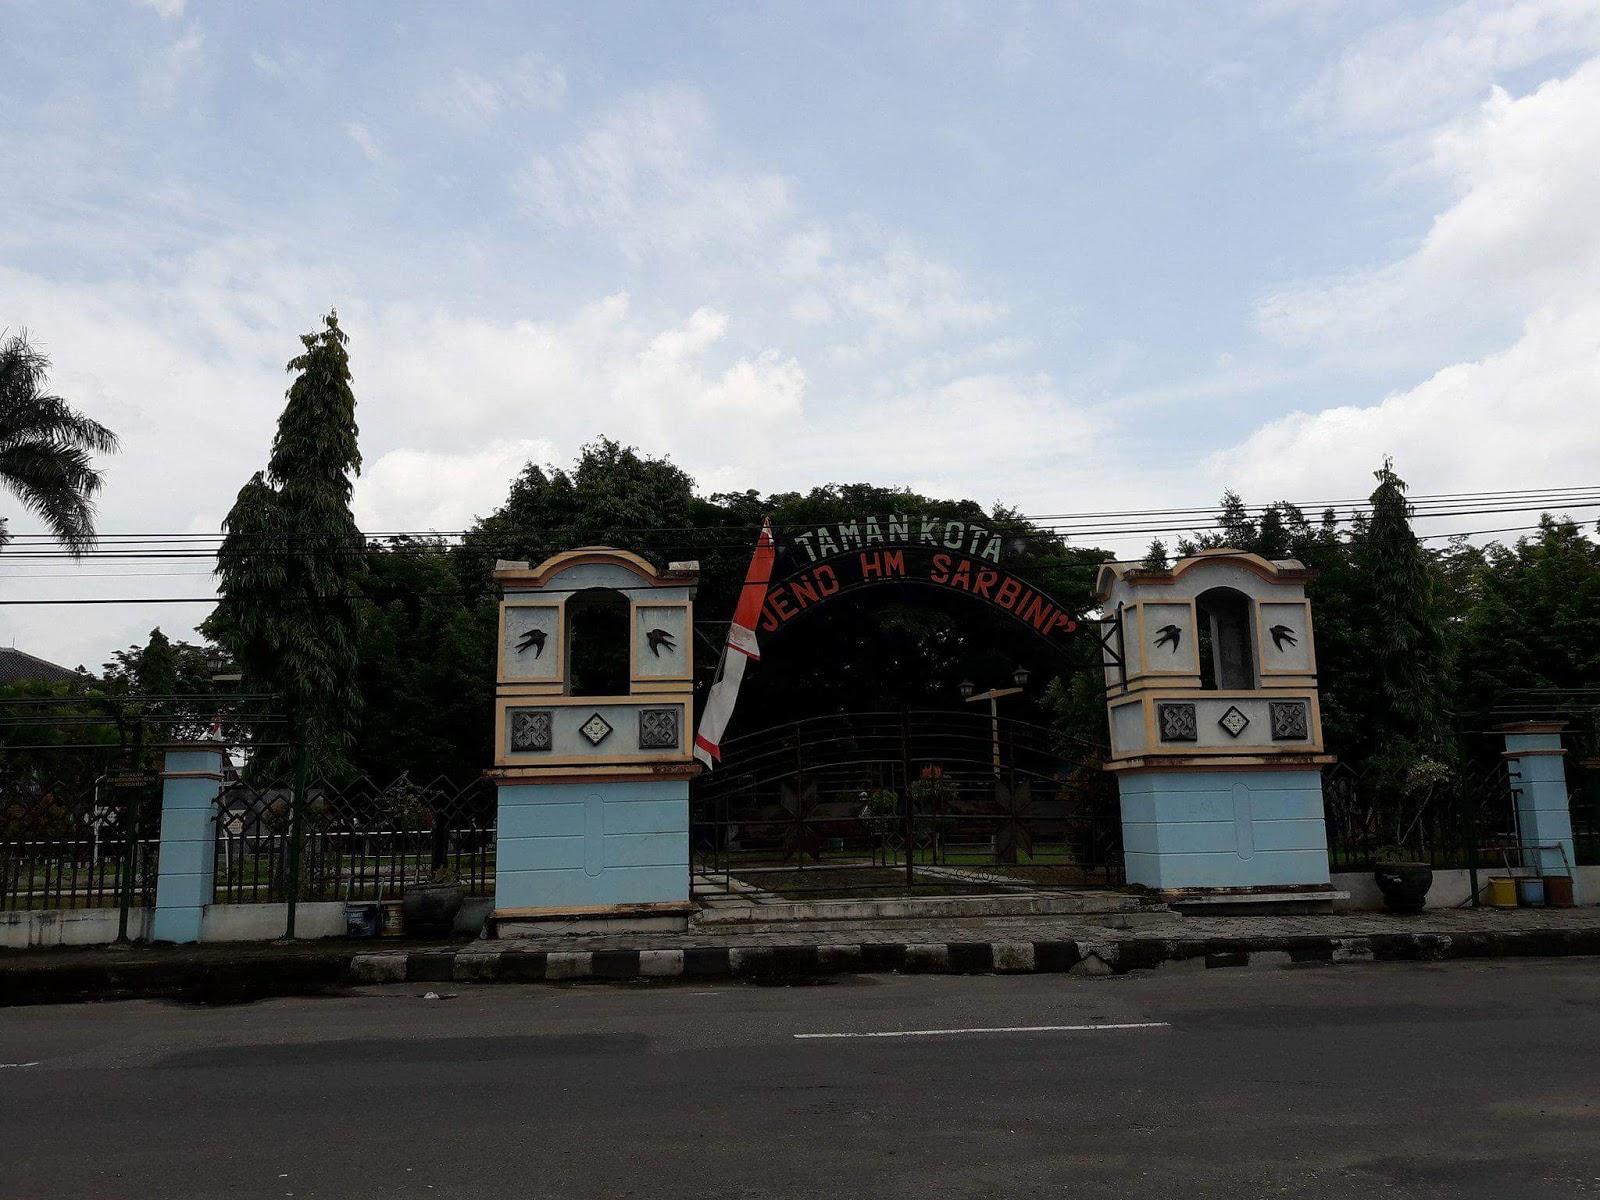 Santai Sejenak Taman Kota Jend Hm Sarbini Kebumen Cerita Jenderal